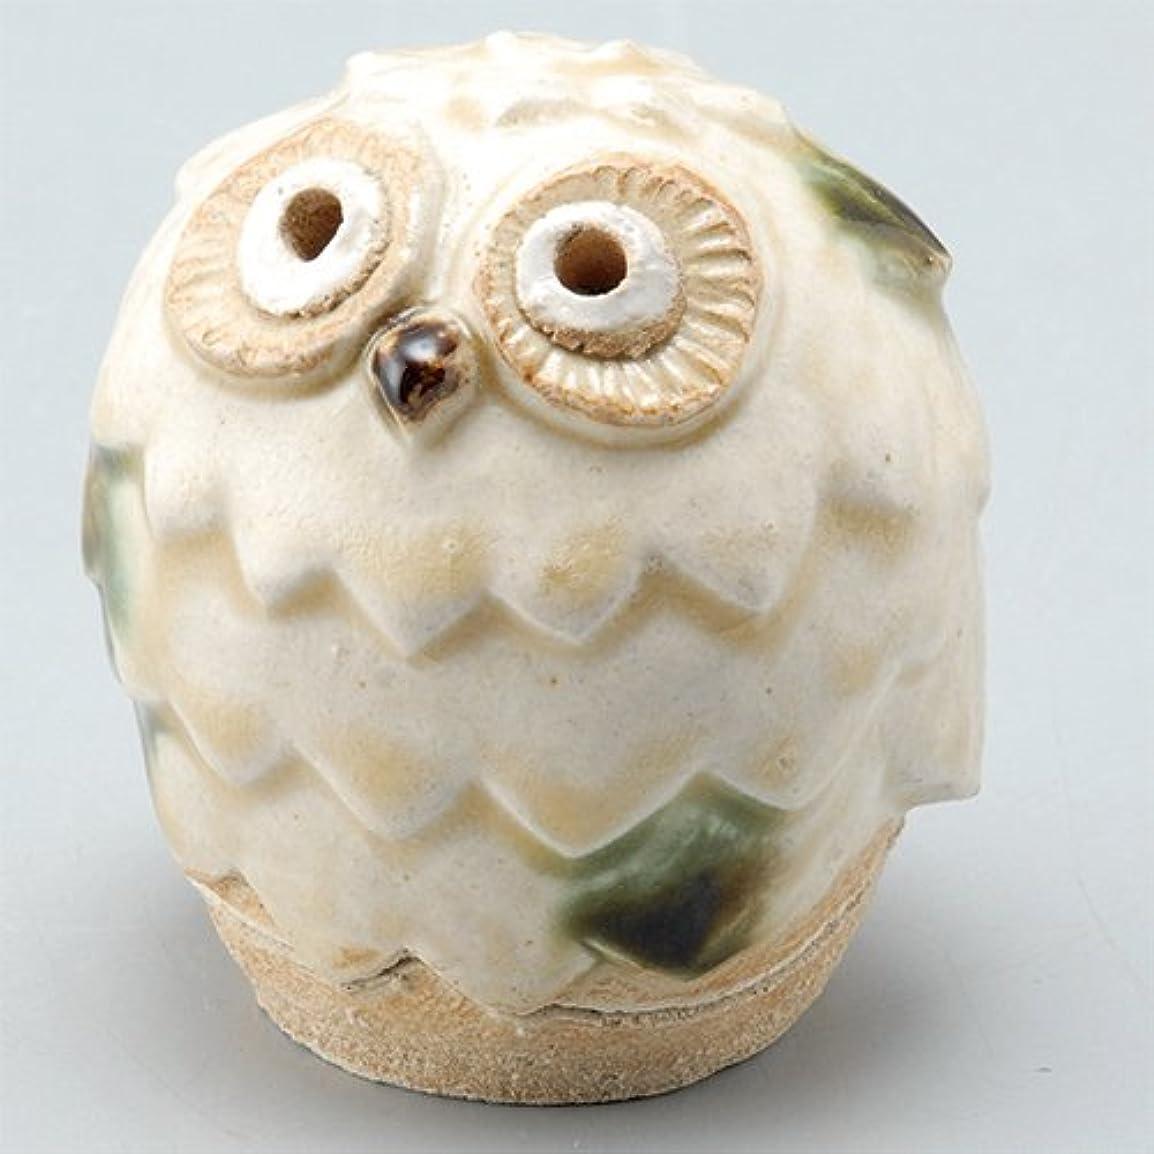 確立します波紋栄光の香炉 飾り香炉(福郎) [H6.5cm] HANDMADE プレゼント ギフト 和食器 かわいい インテリア